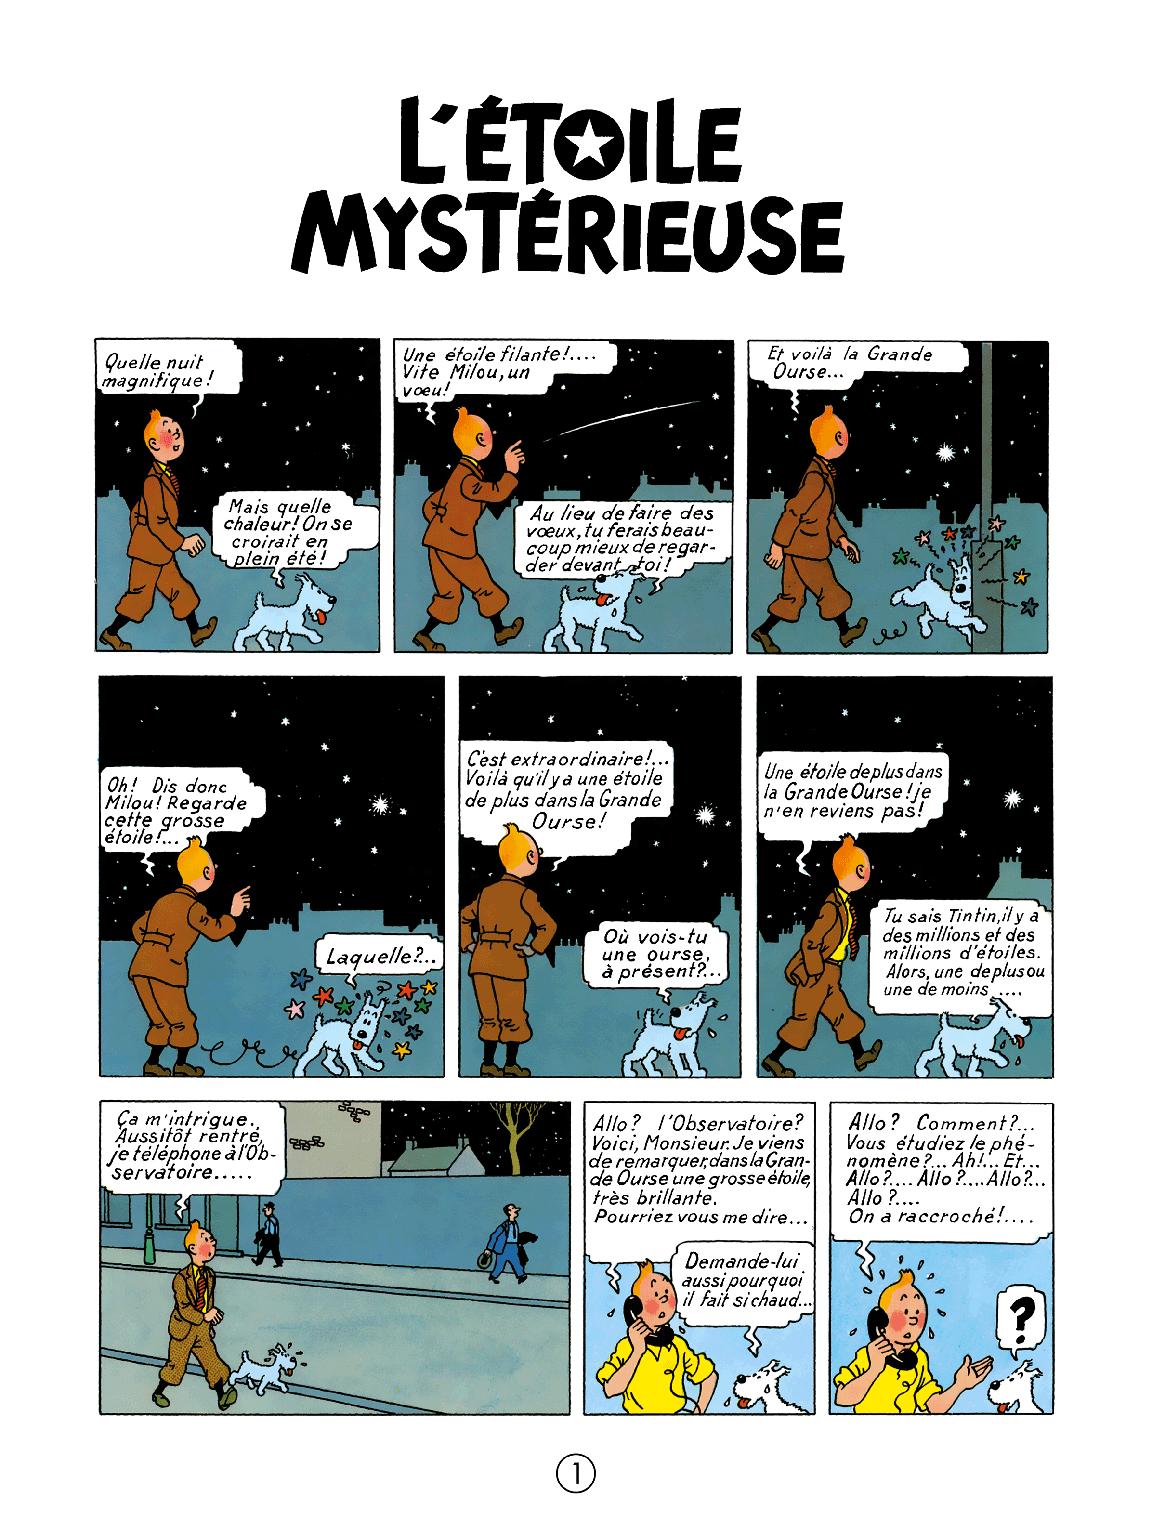 L'Étoile mystérieuse - page 1